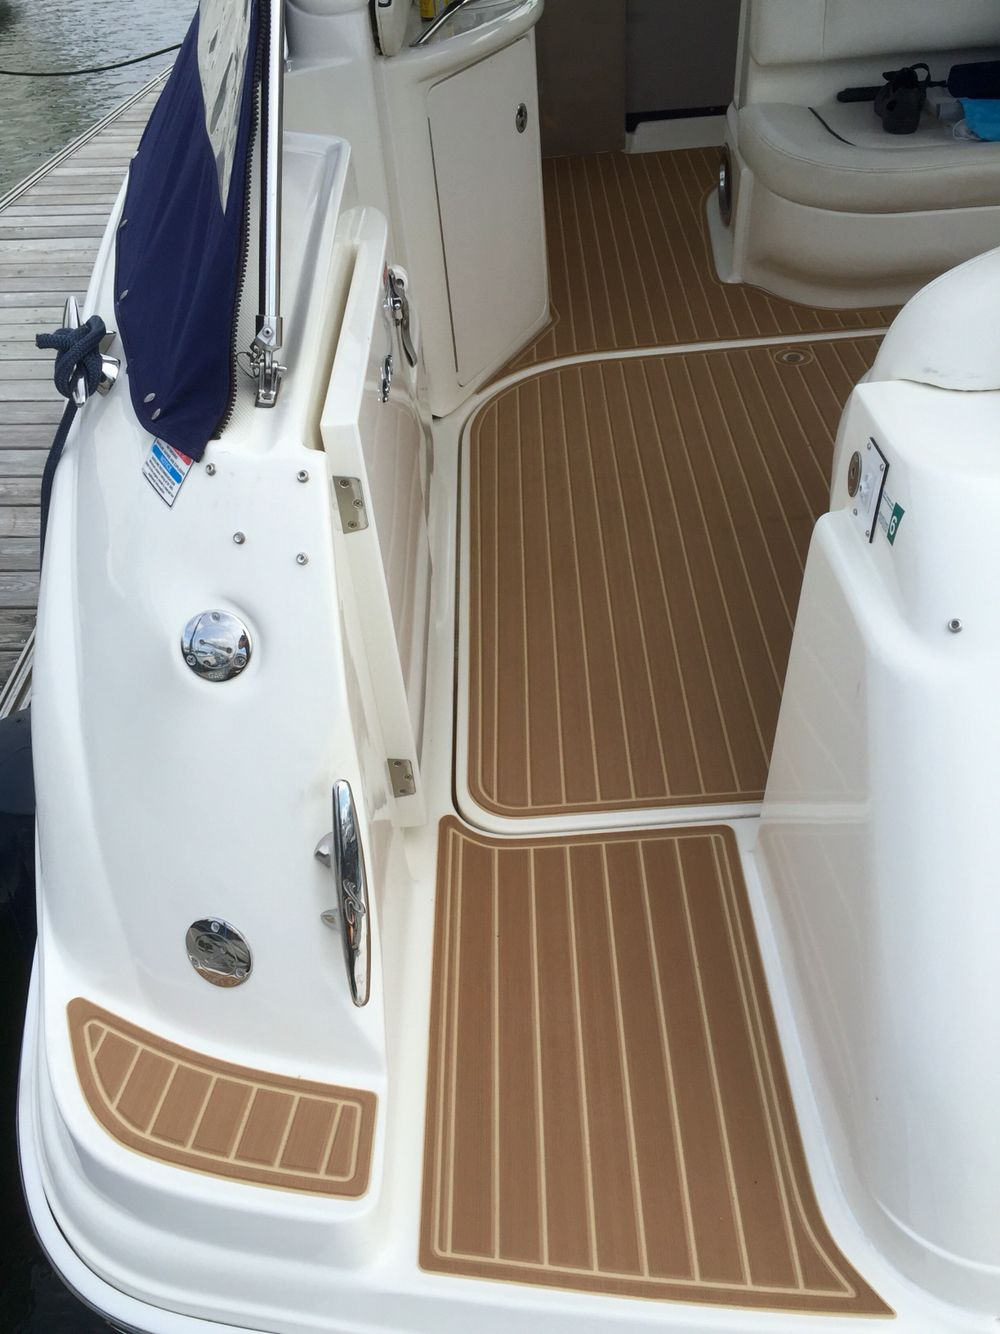 Axess seadek sea ray boat sundancer 360 carpet mat sea dek